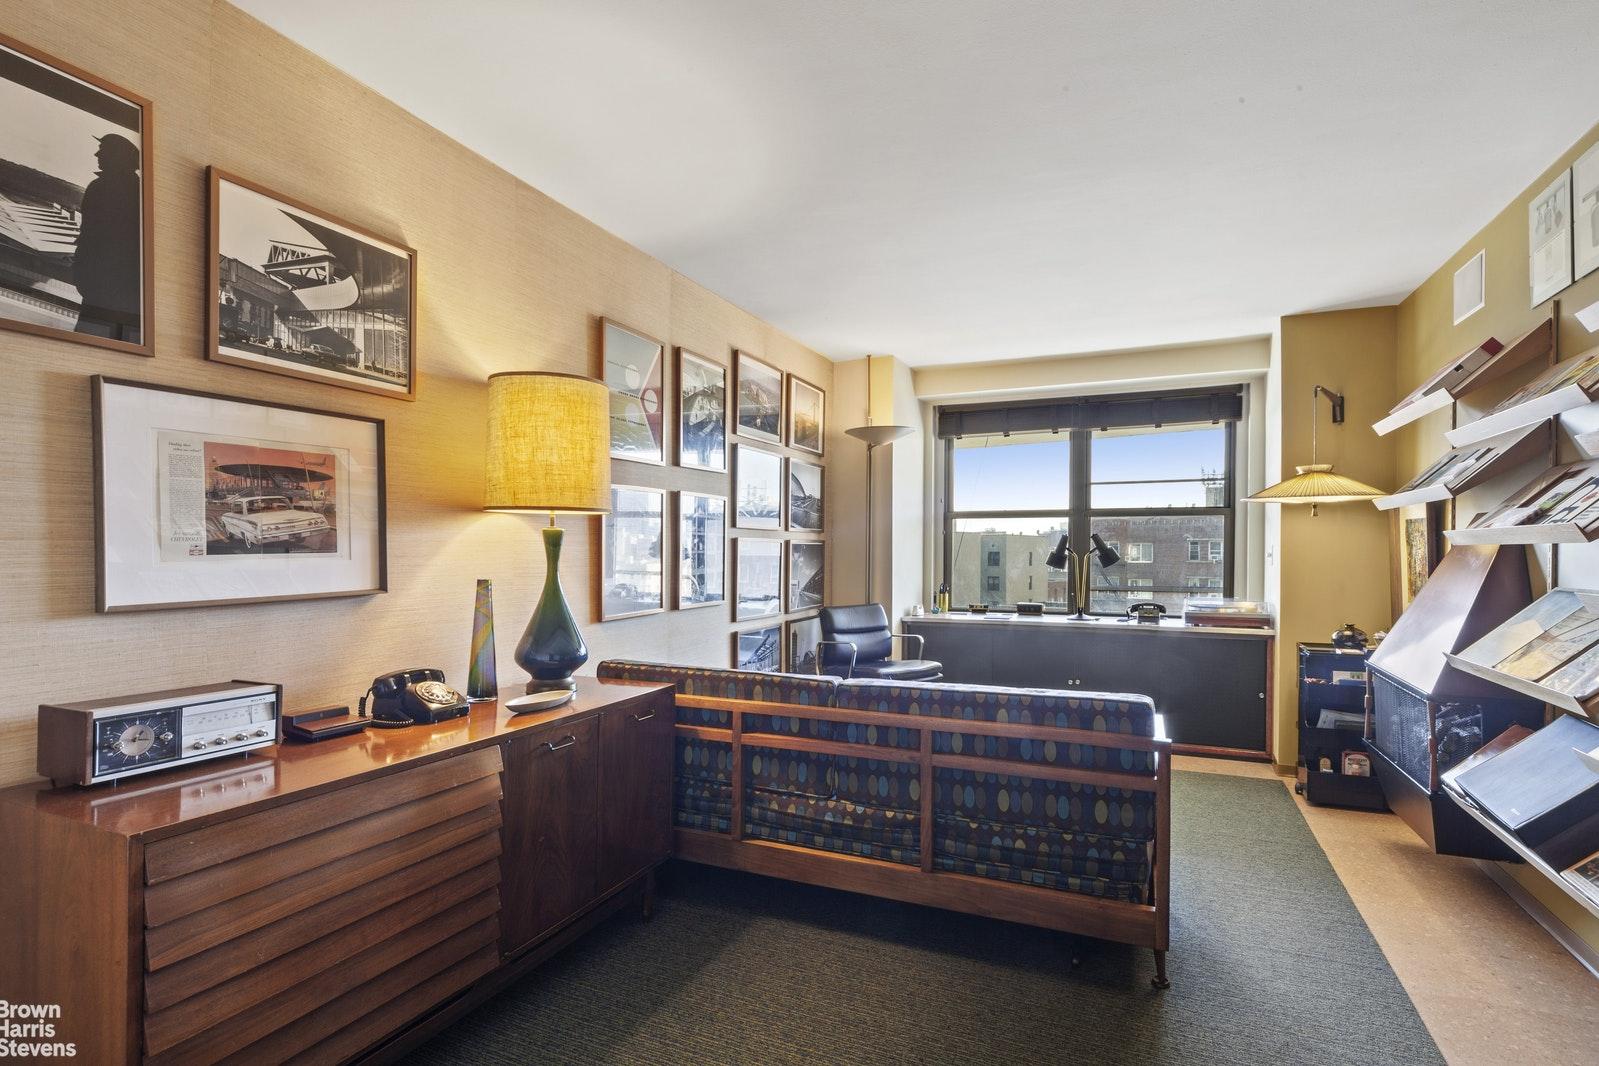 1020 GRAND CONCOURSE 7F, Concourse Village, $429,500, Web #: 20741872